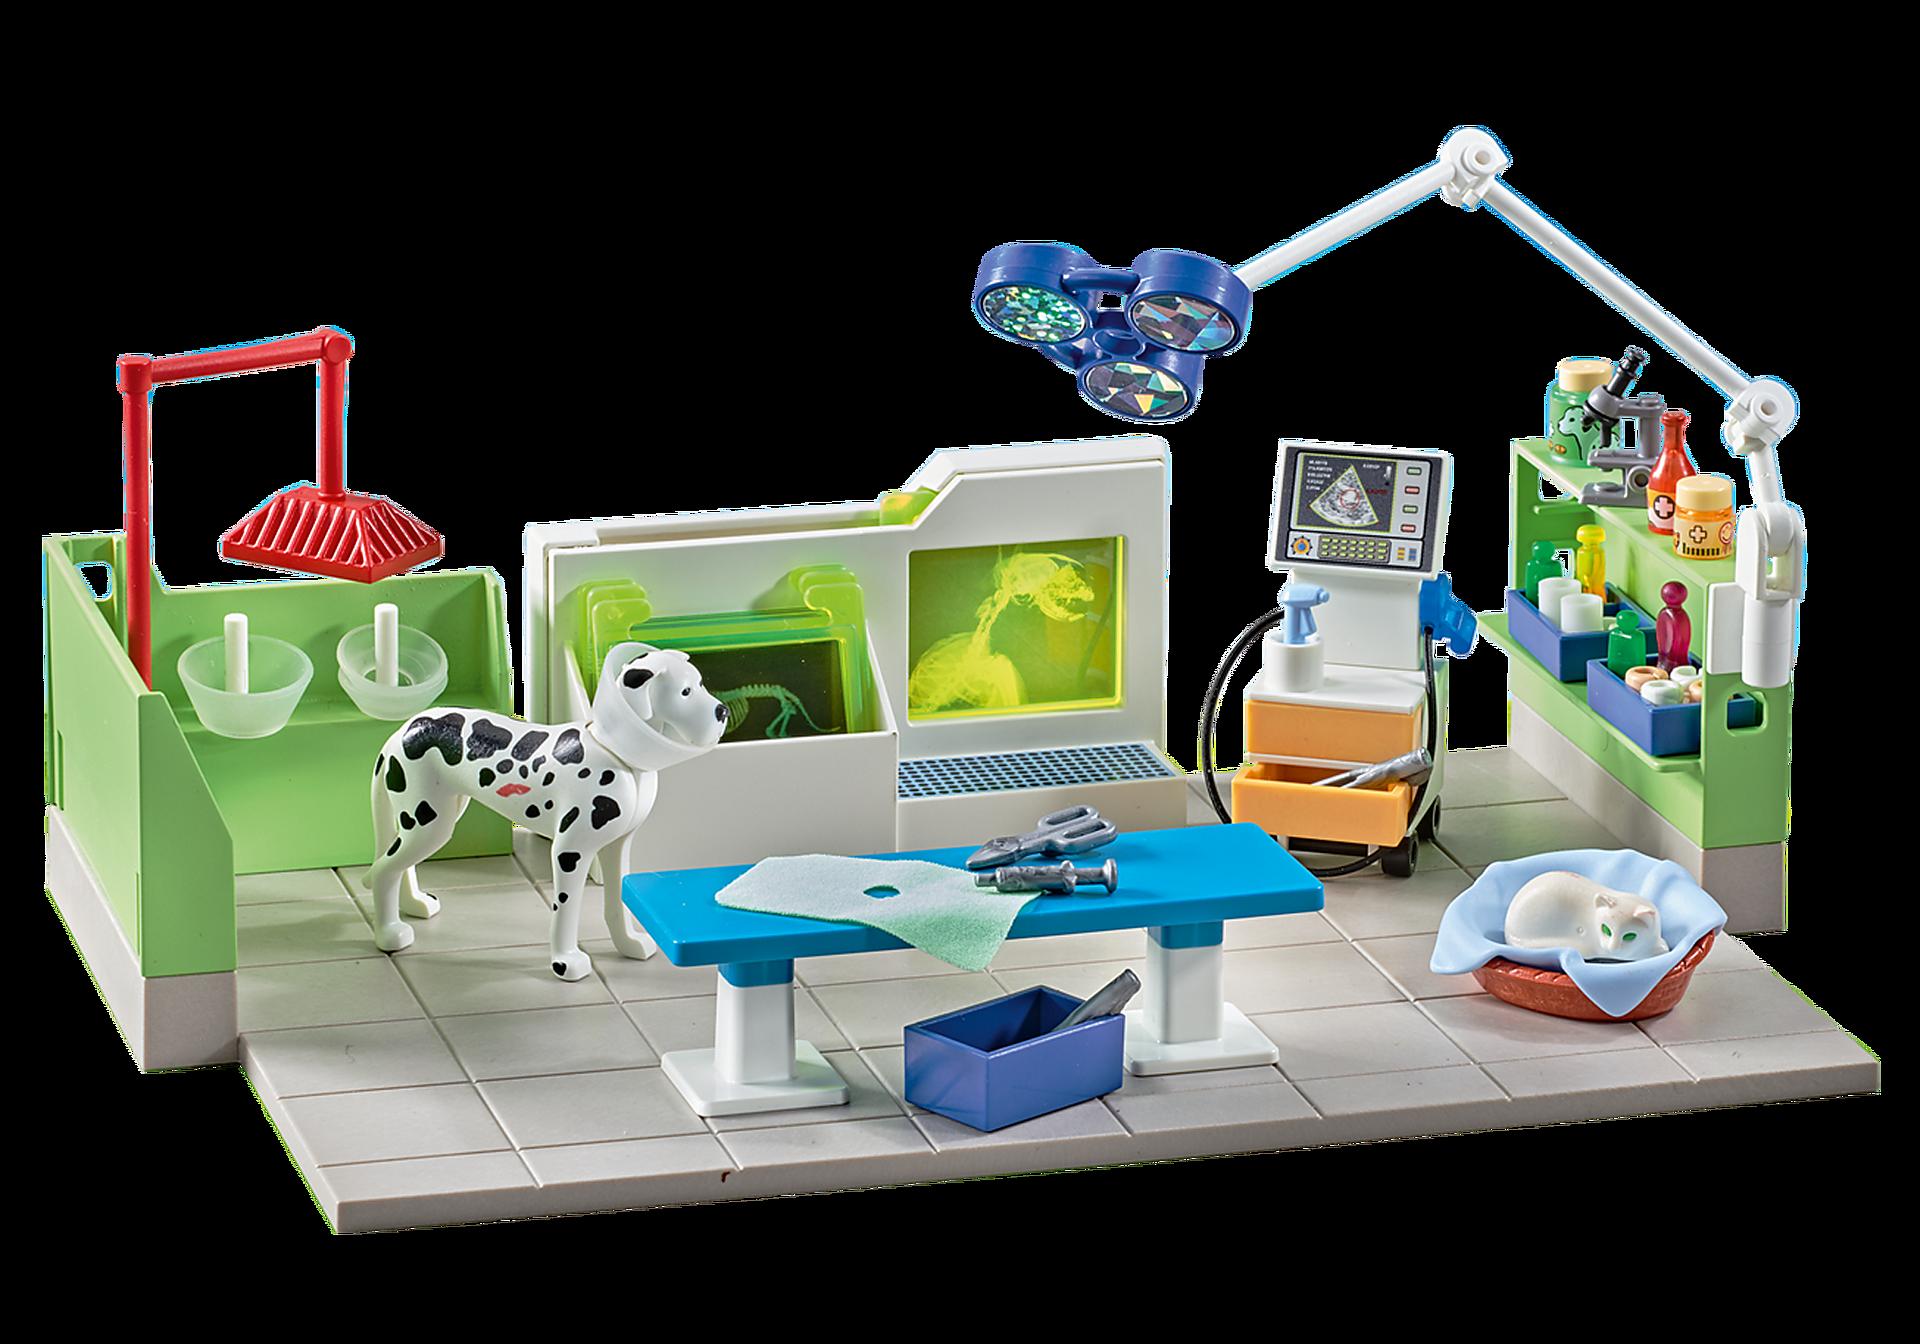 http://media.playmobil.com/i/playmobil/9816_product_detail/Przychodnia weterynaryjna z urządzeniem rentgenowskim